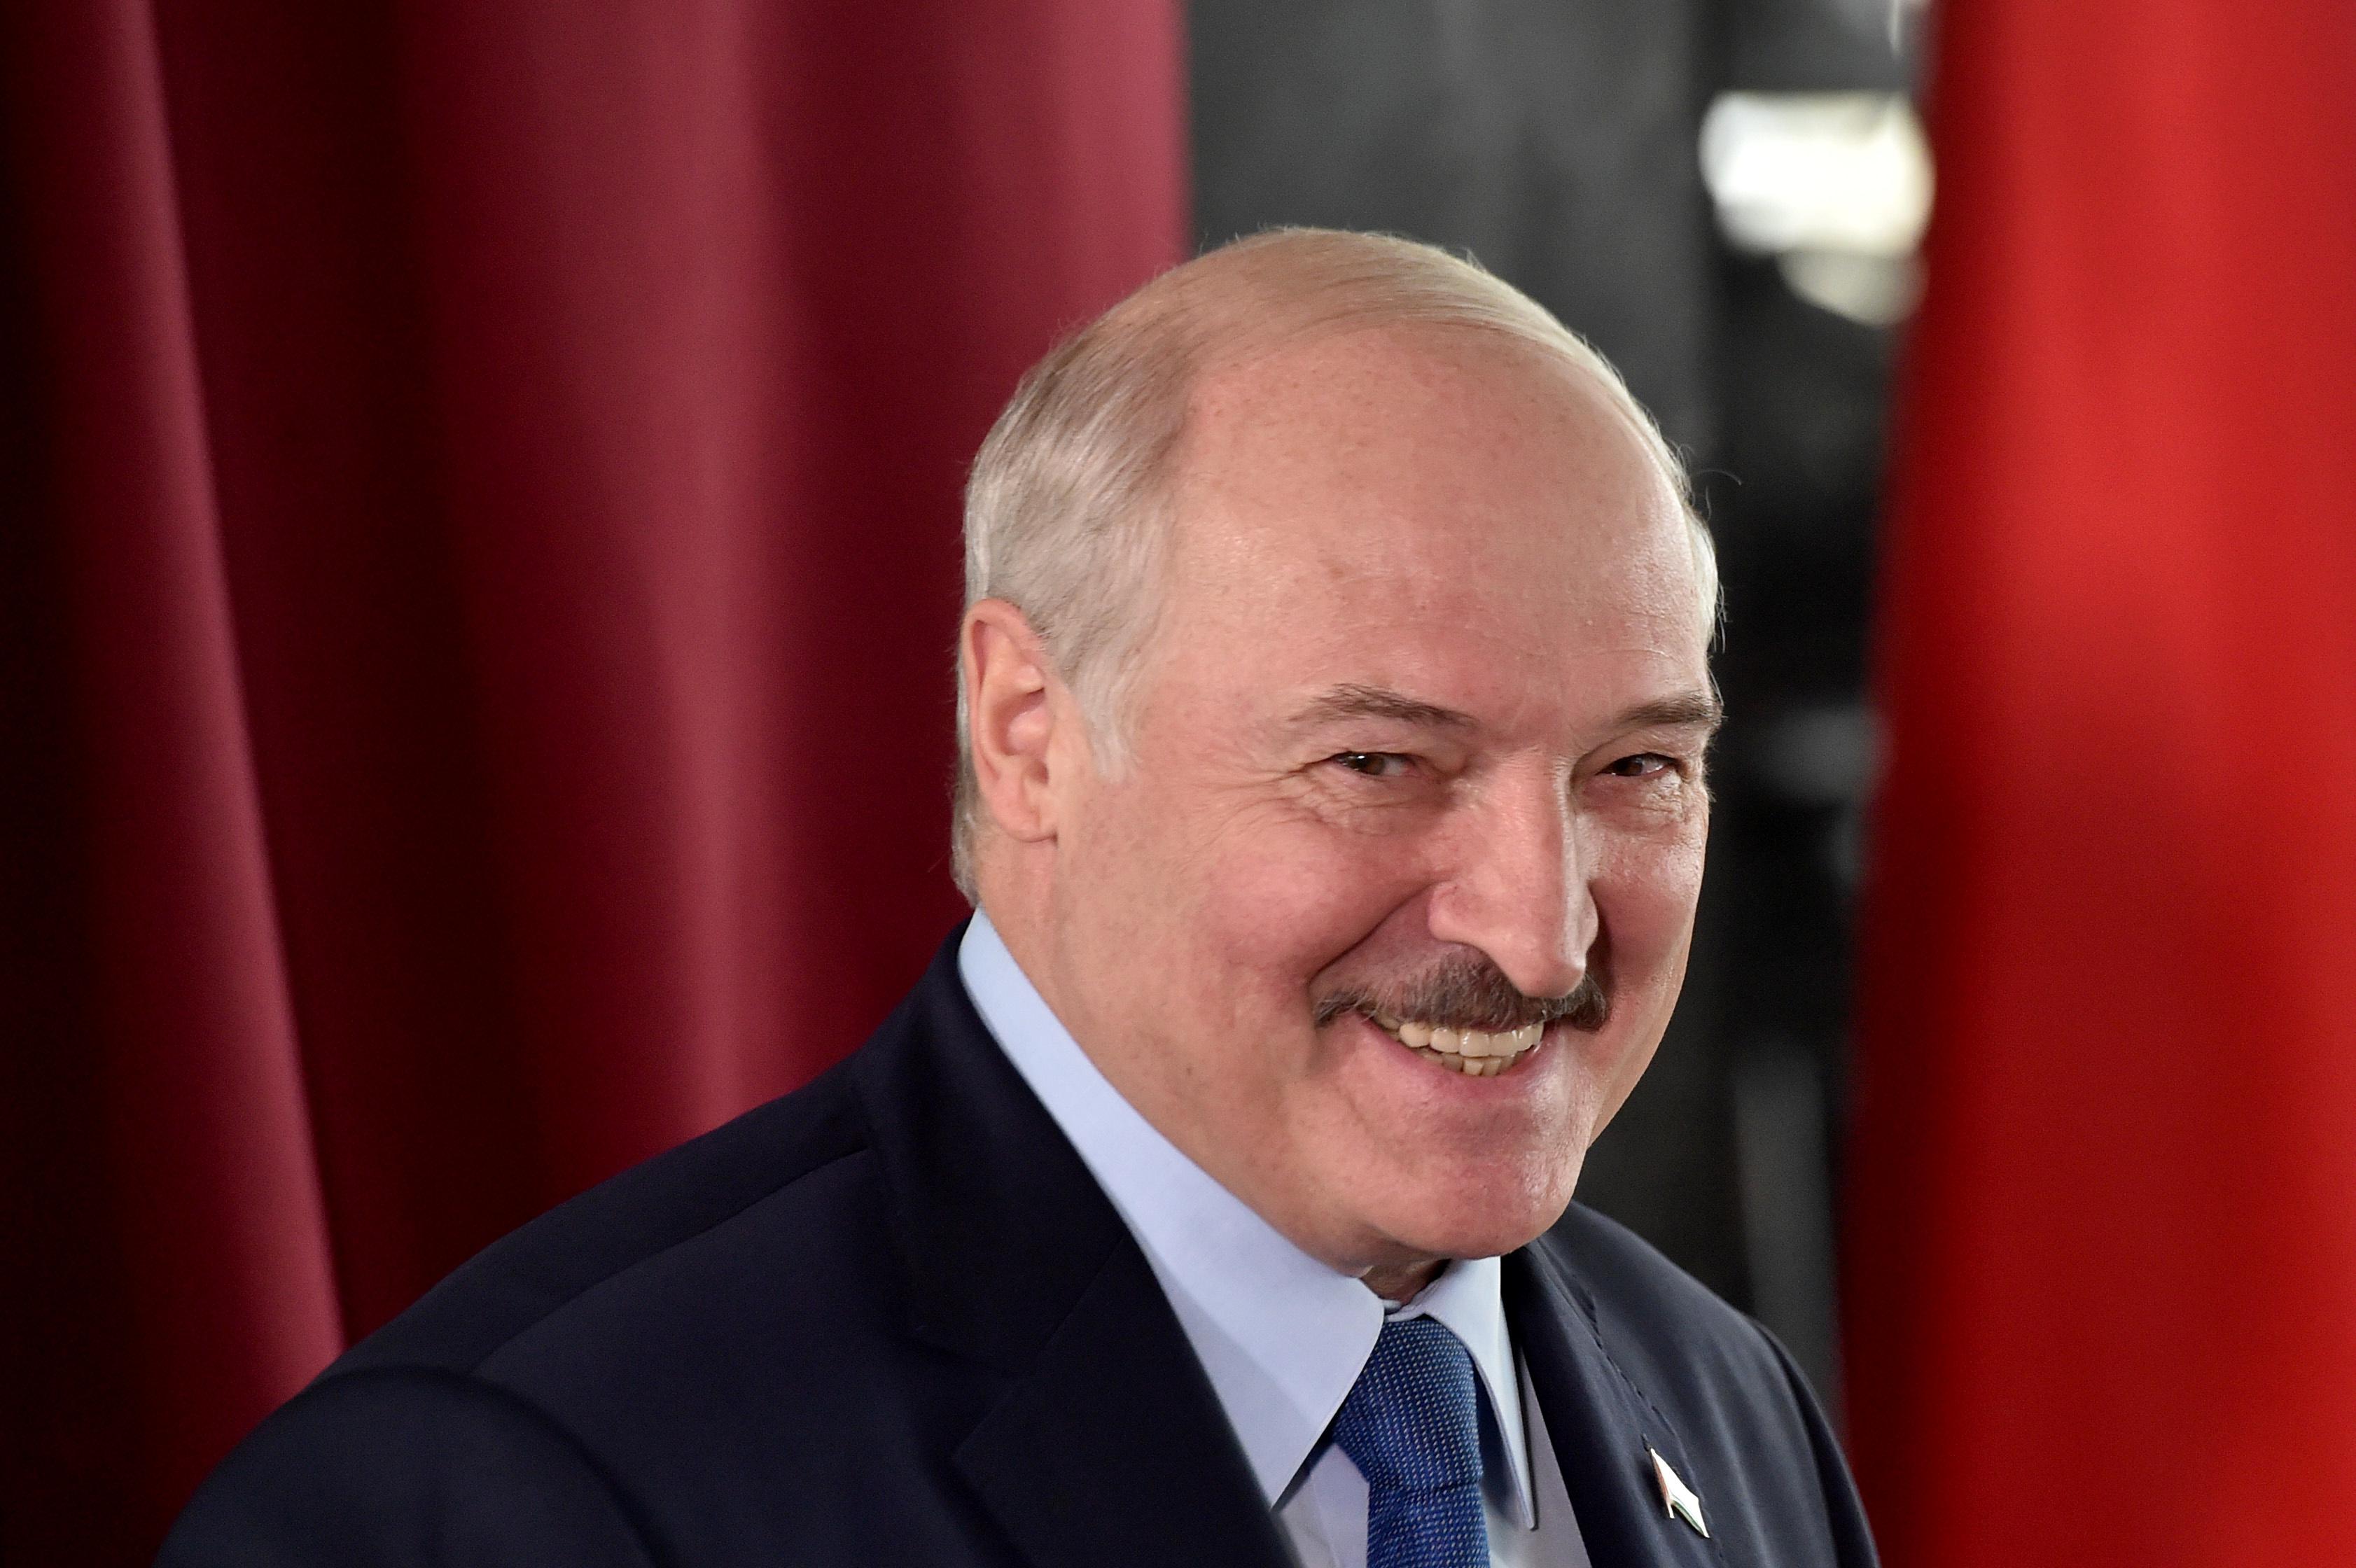 ЕС подготовил черный список белорусов: Лукашенко в него не вошел